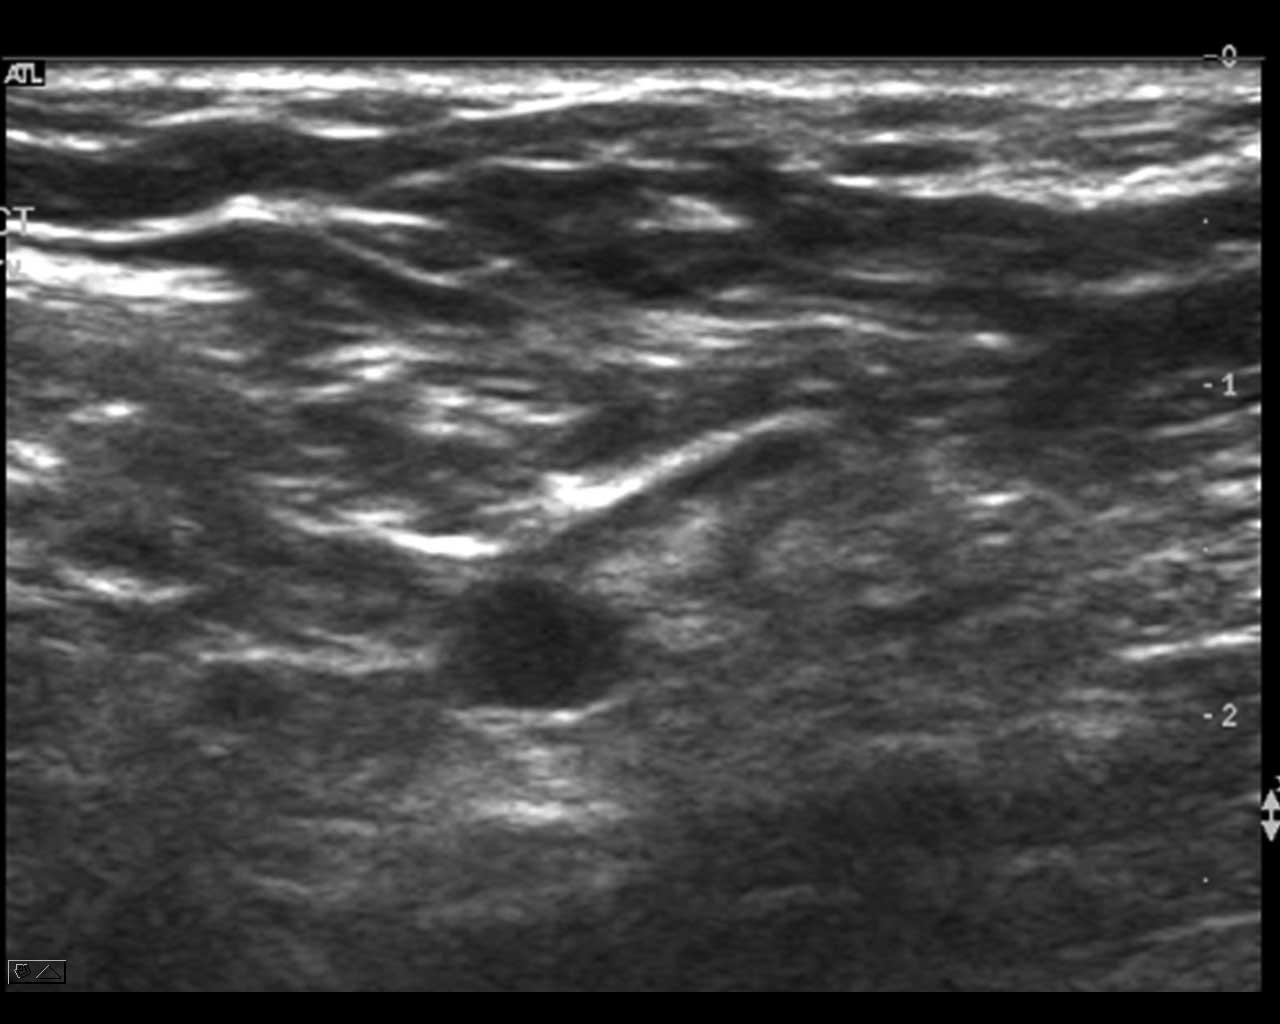 Ca 3 mm metastase i enden av en ellers normal lymfeknute i axille. Litt dårlig bilde med gammelt apparat. Bilde utlånt av Overlege Olav Inge Håskjold, Røntgenavdelingen Radiumhospitalet.